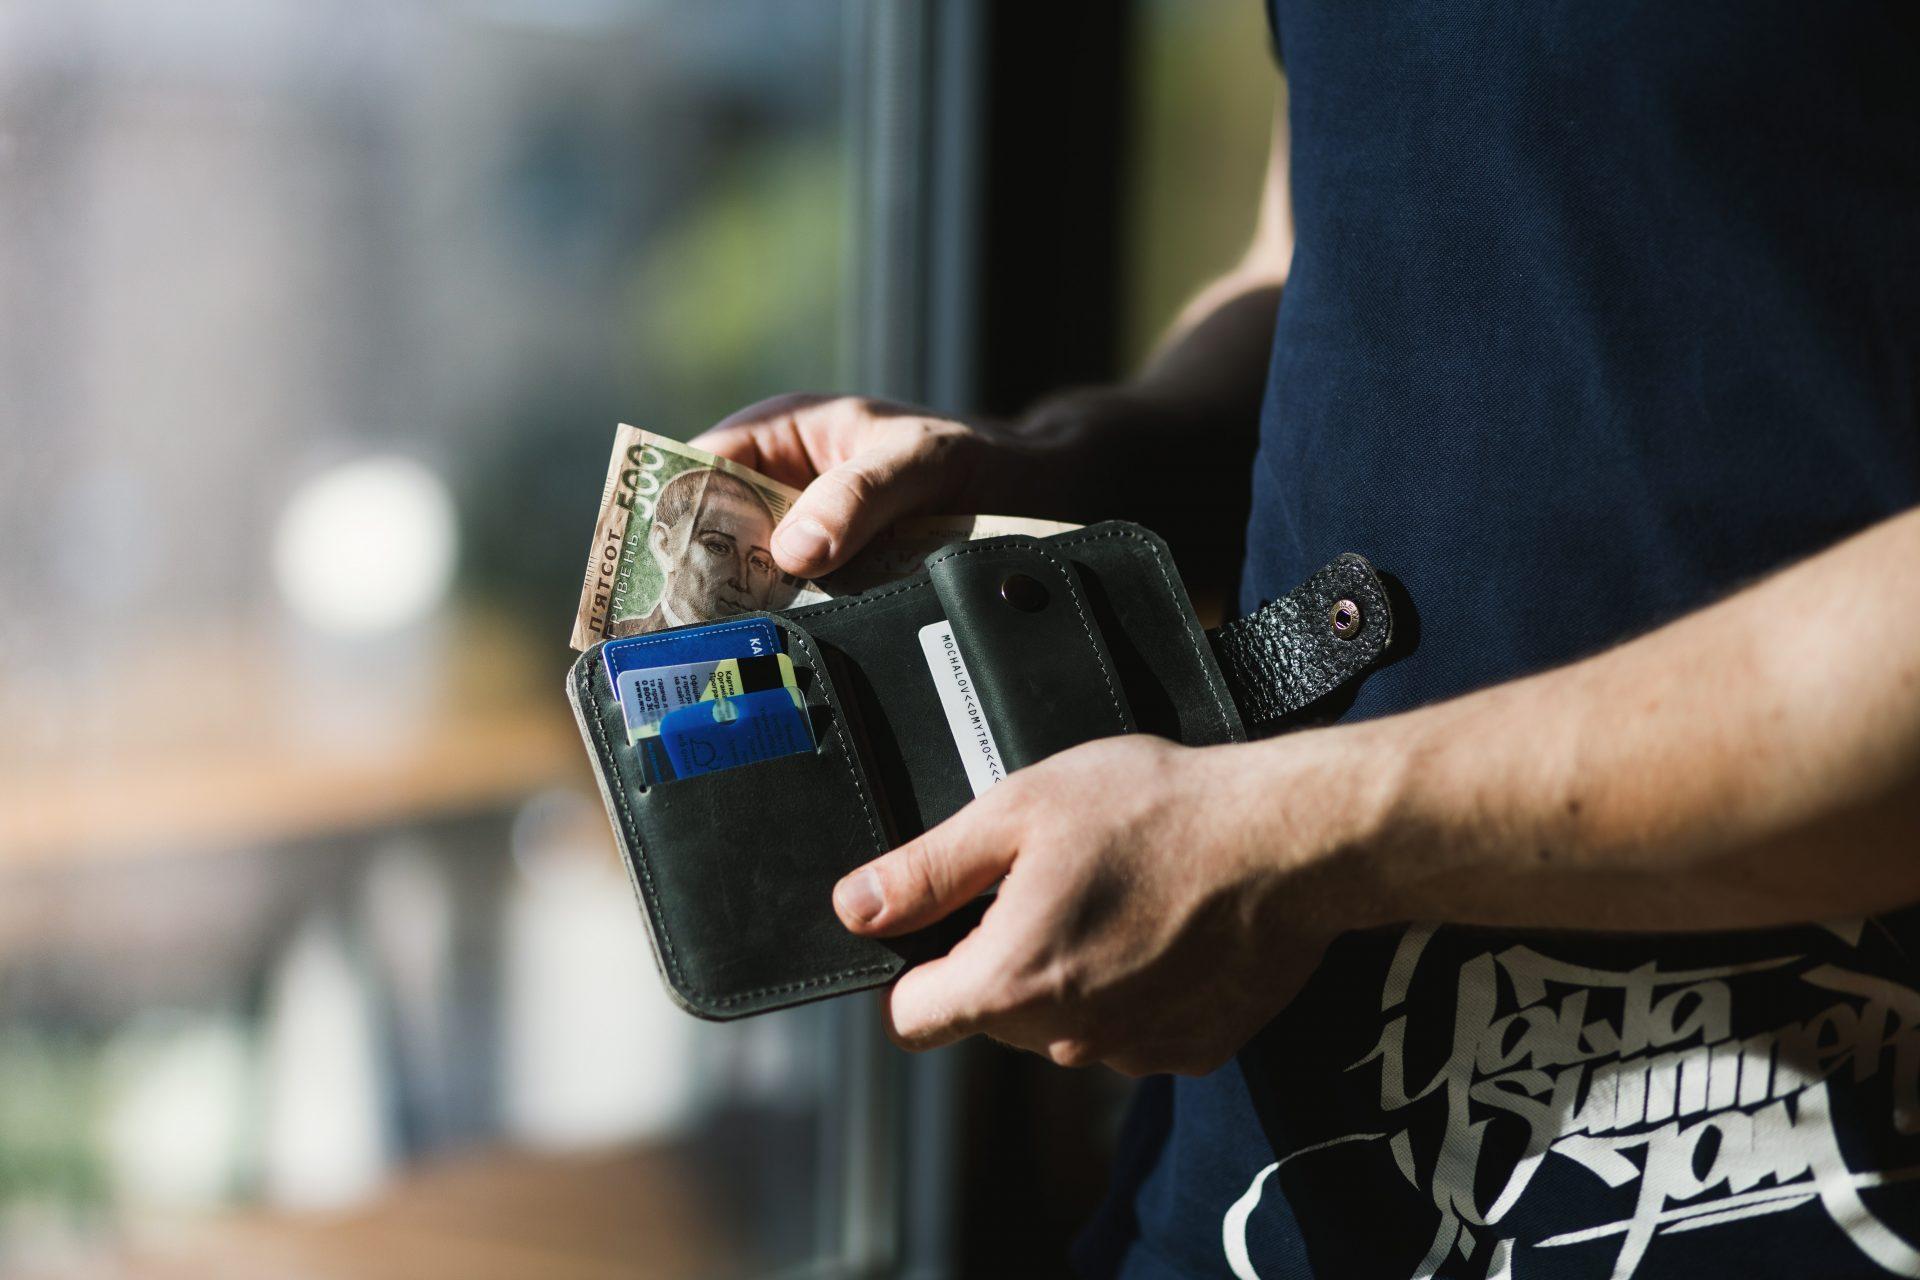 Terminale płatnicze dla hoteli pozwalają przyjmować także płatności bezgotówkowe